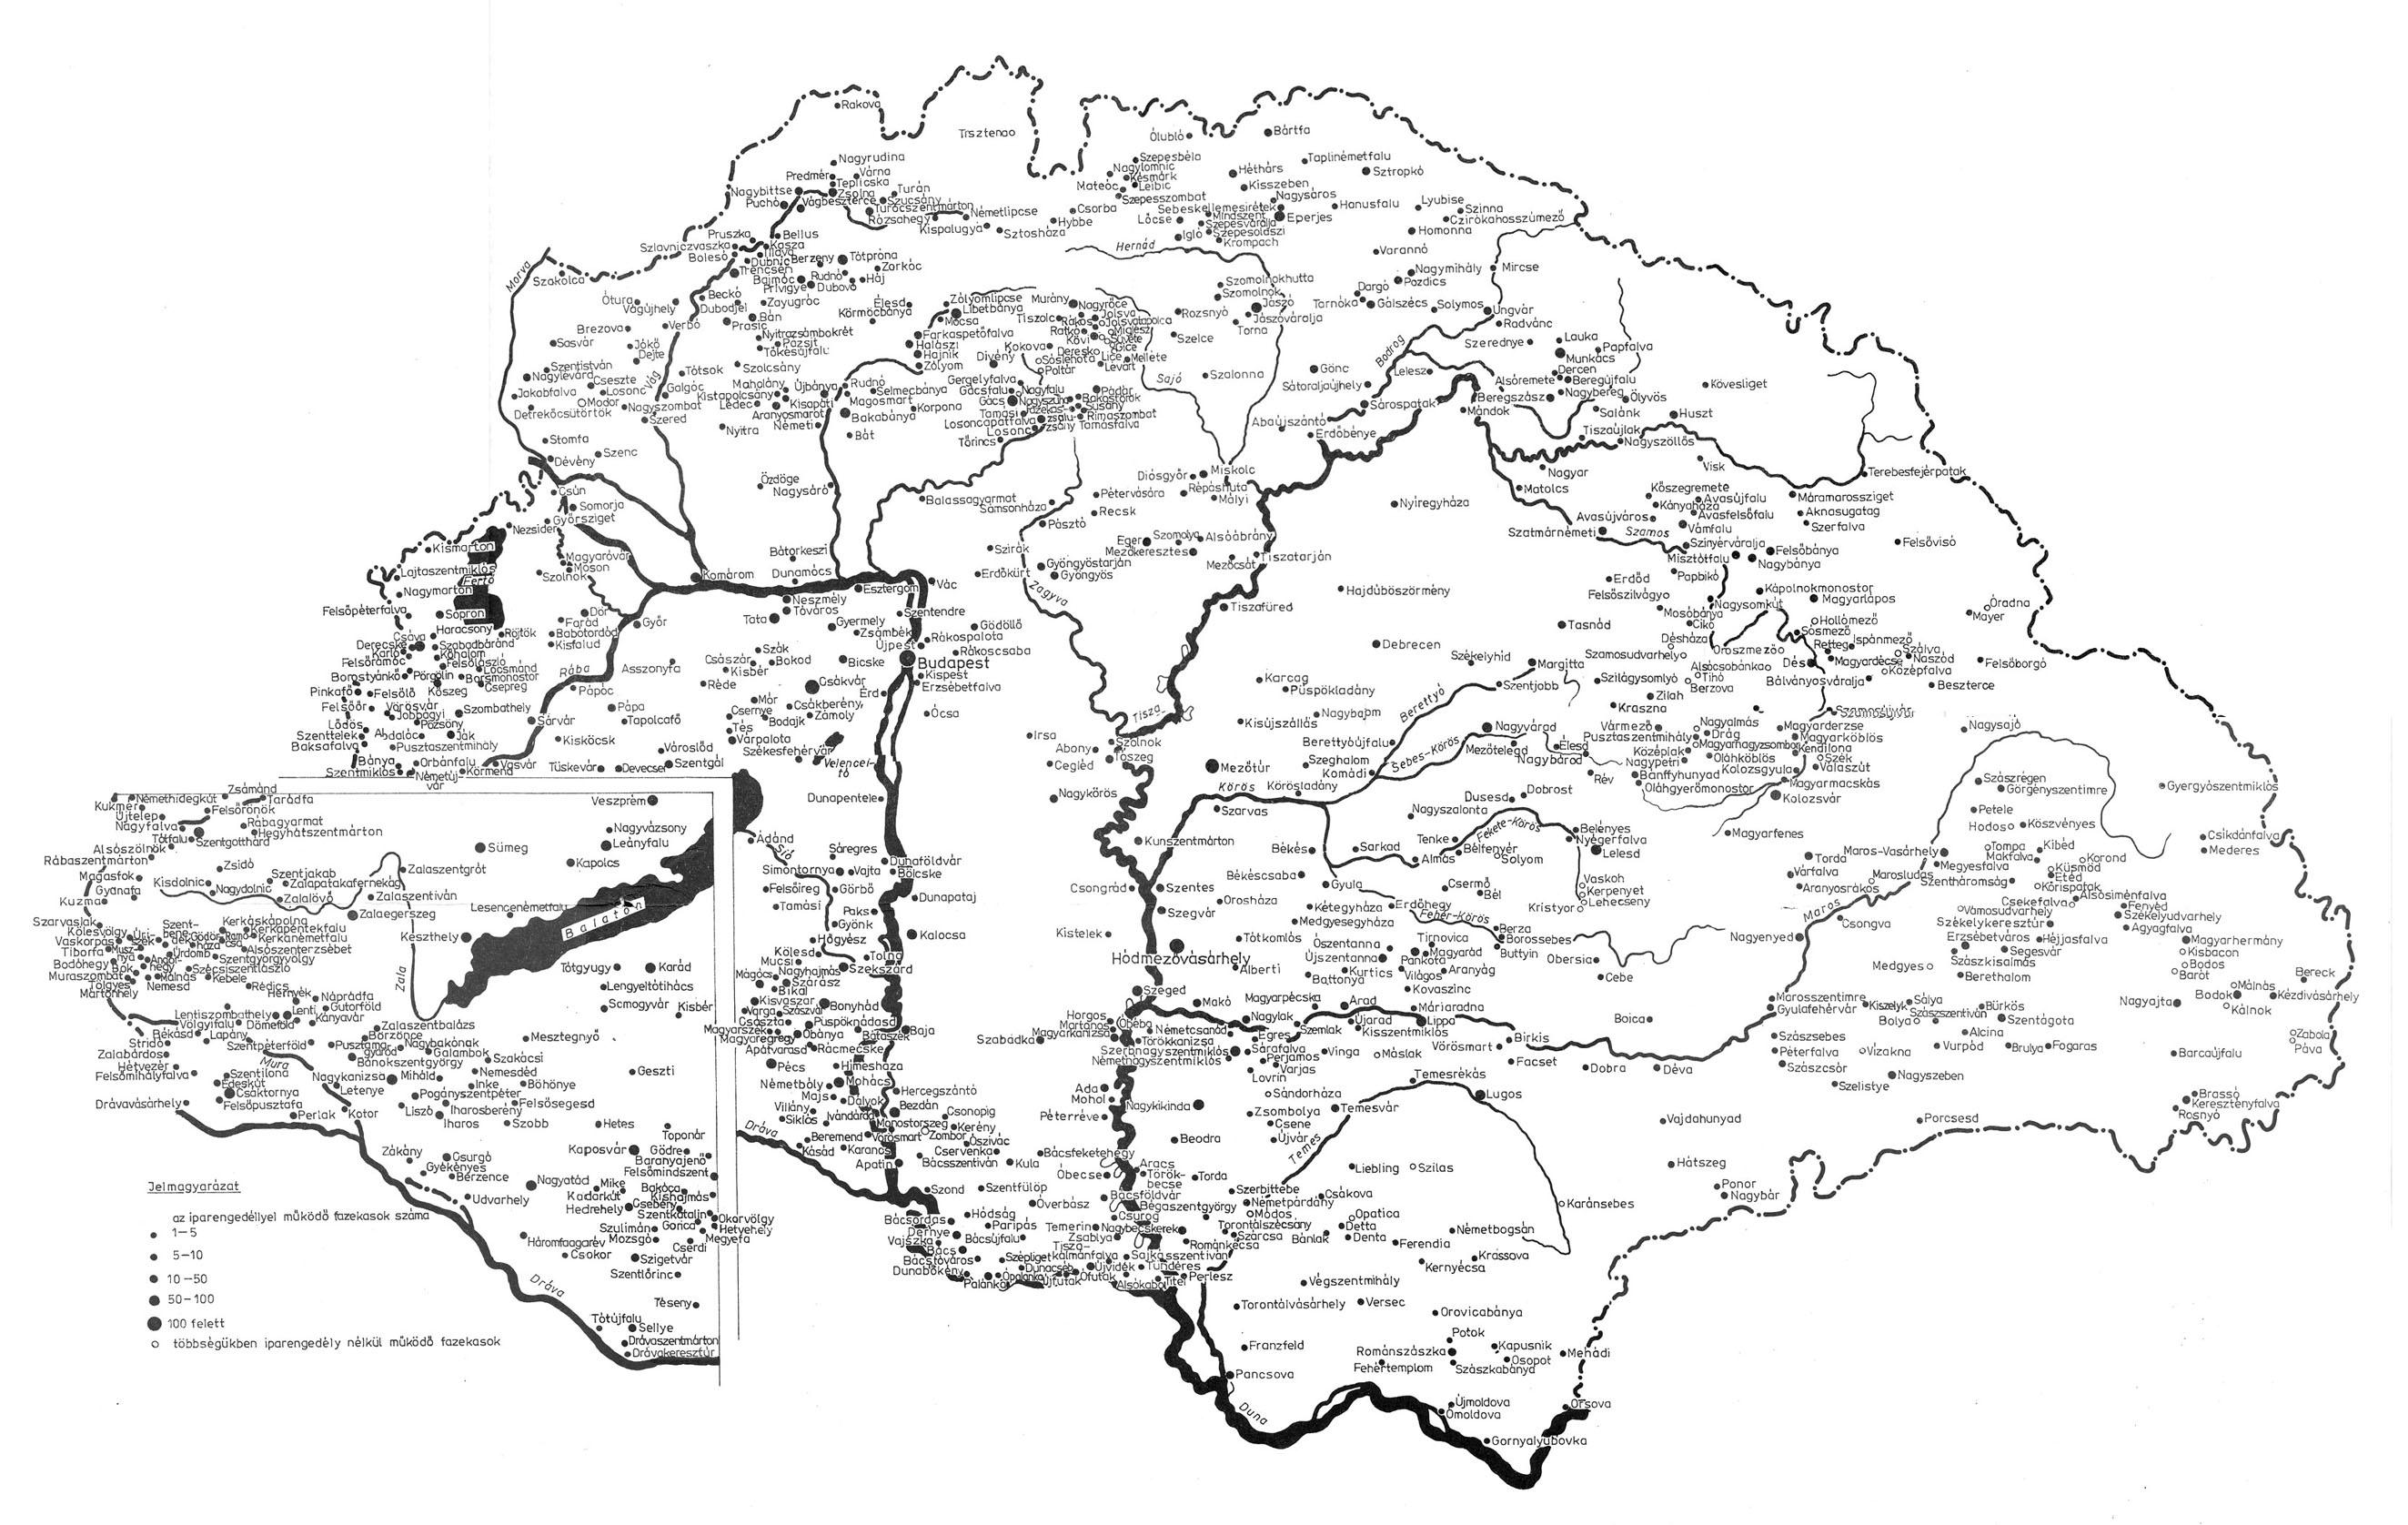 középkori magyarország térkép Magyar Néprajz III. Anyagi kultúra 2. Kézművesség / AGYAGMŰVESSÉG középkori magyarország térkép